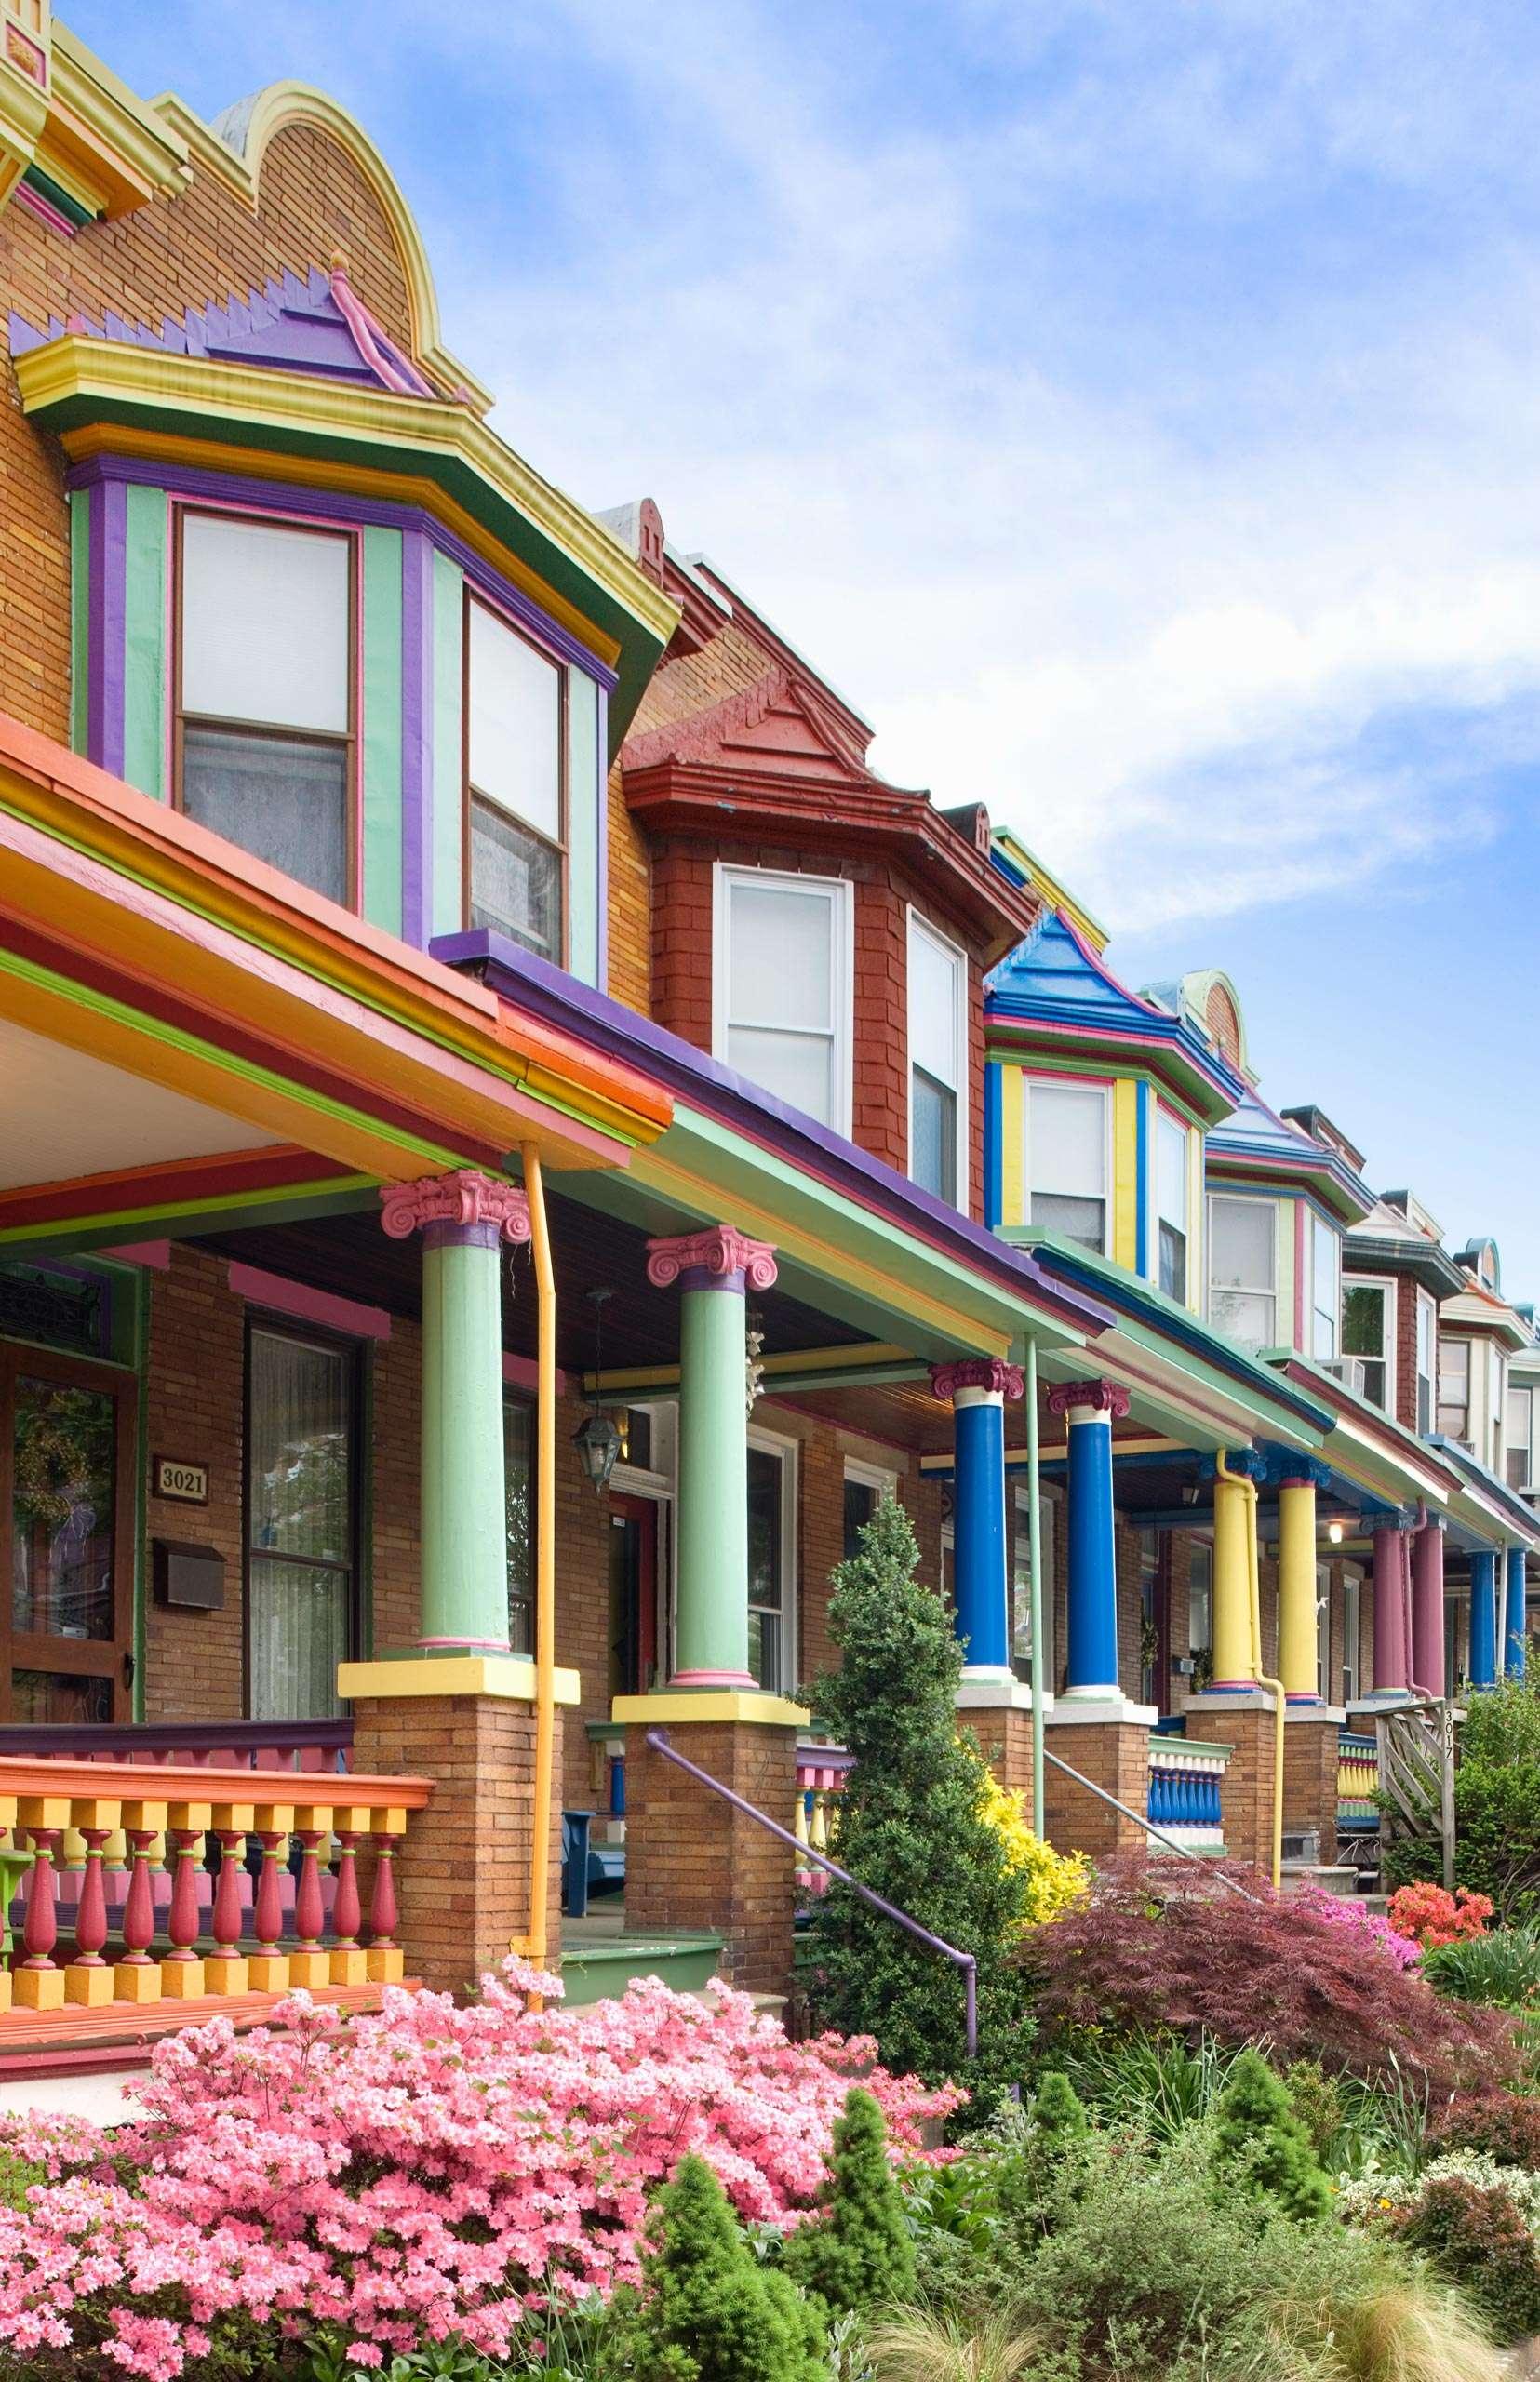 PORTFOLIO - Baltimore - Neighborhoods  #8  PCG343